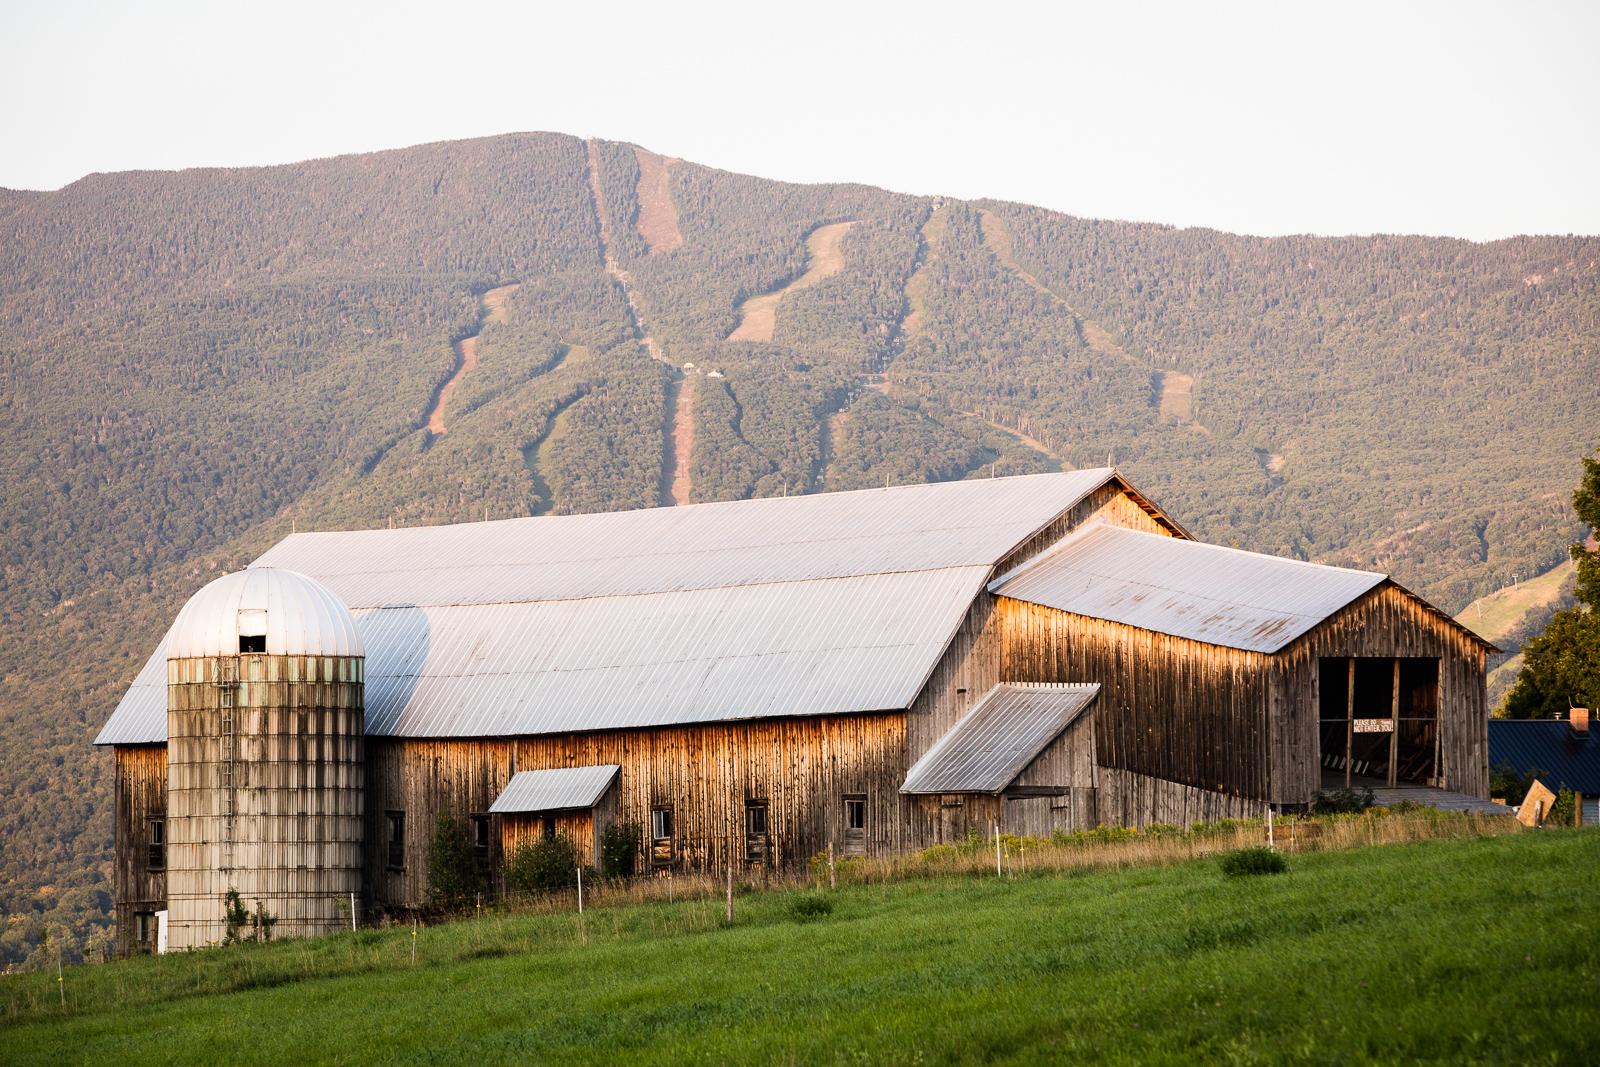 Bragg Farm in Fayston, Vermont.